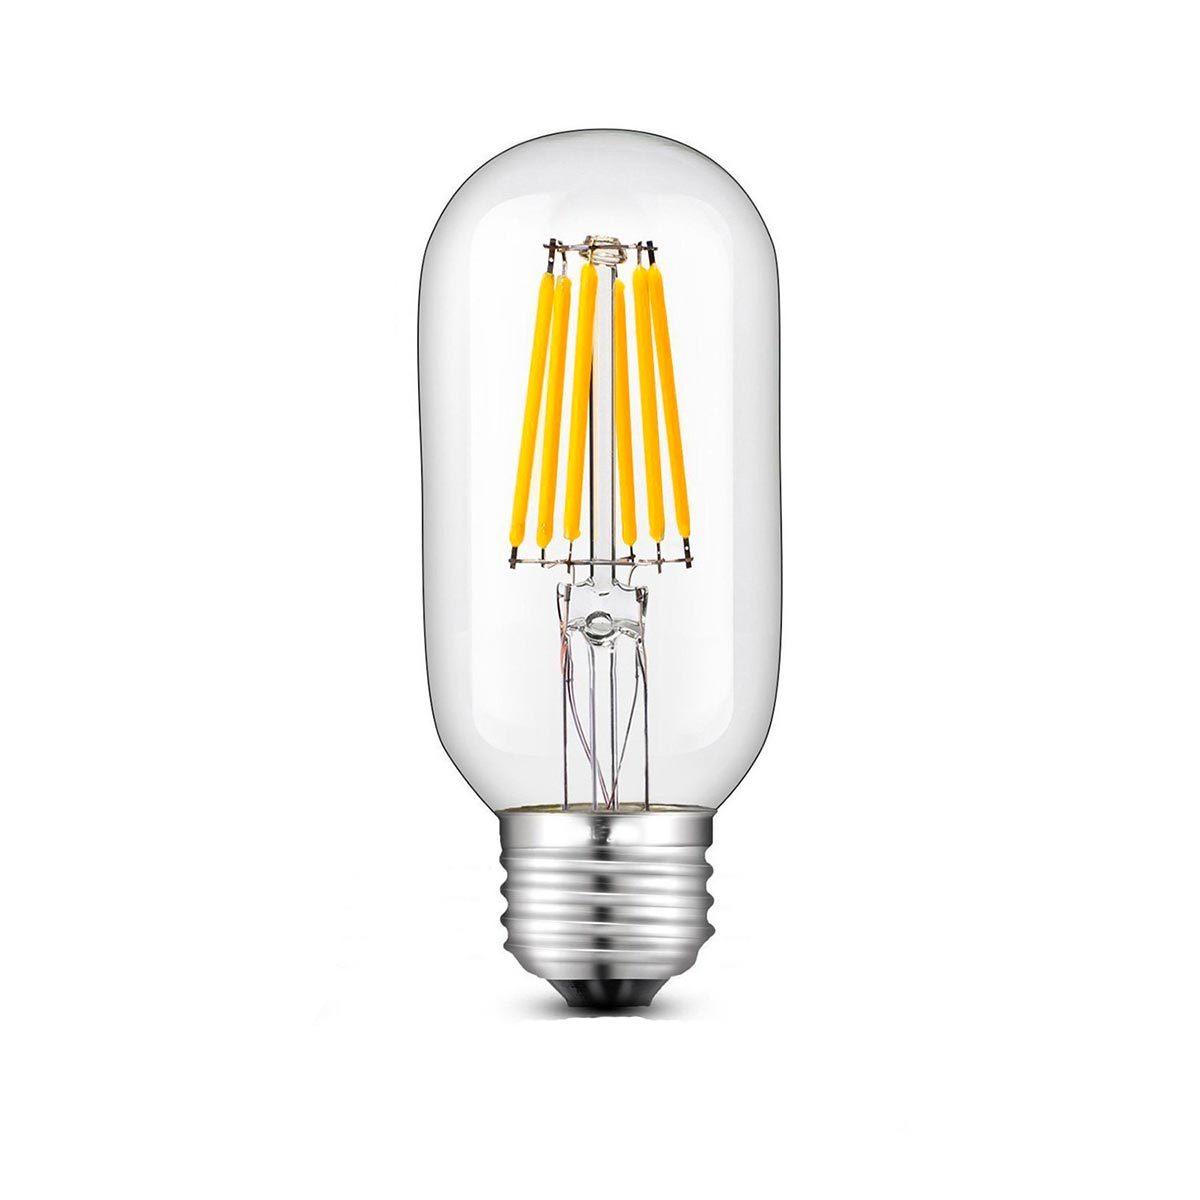 Ampoule LED E27 filament verre transparent H12cm